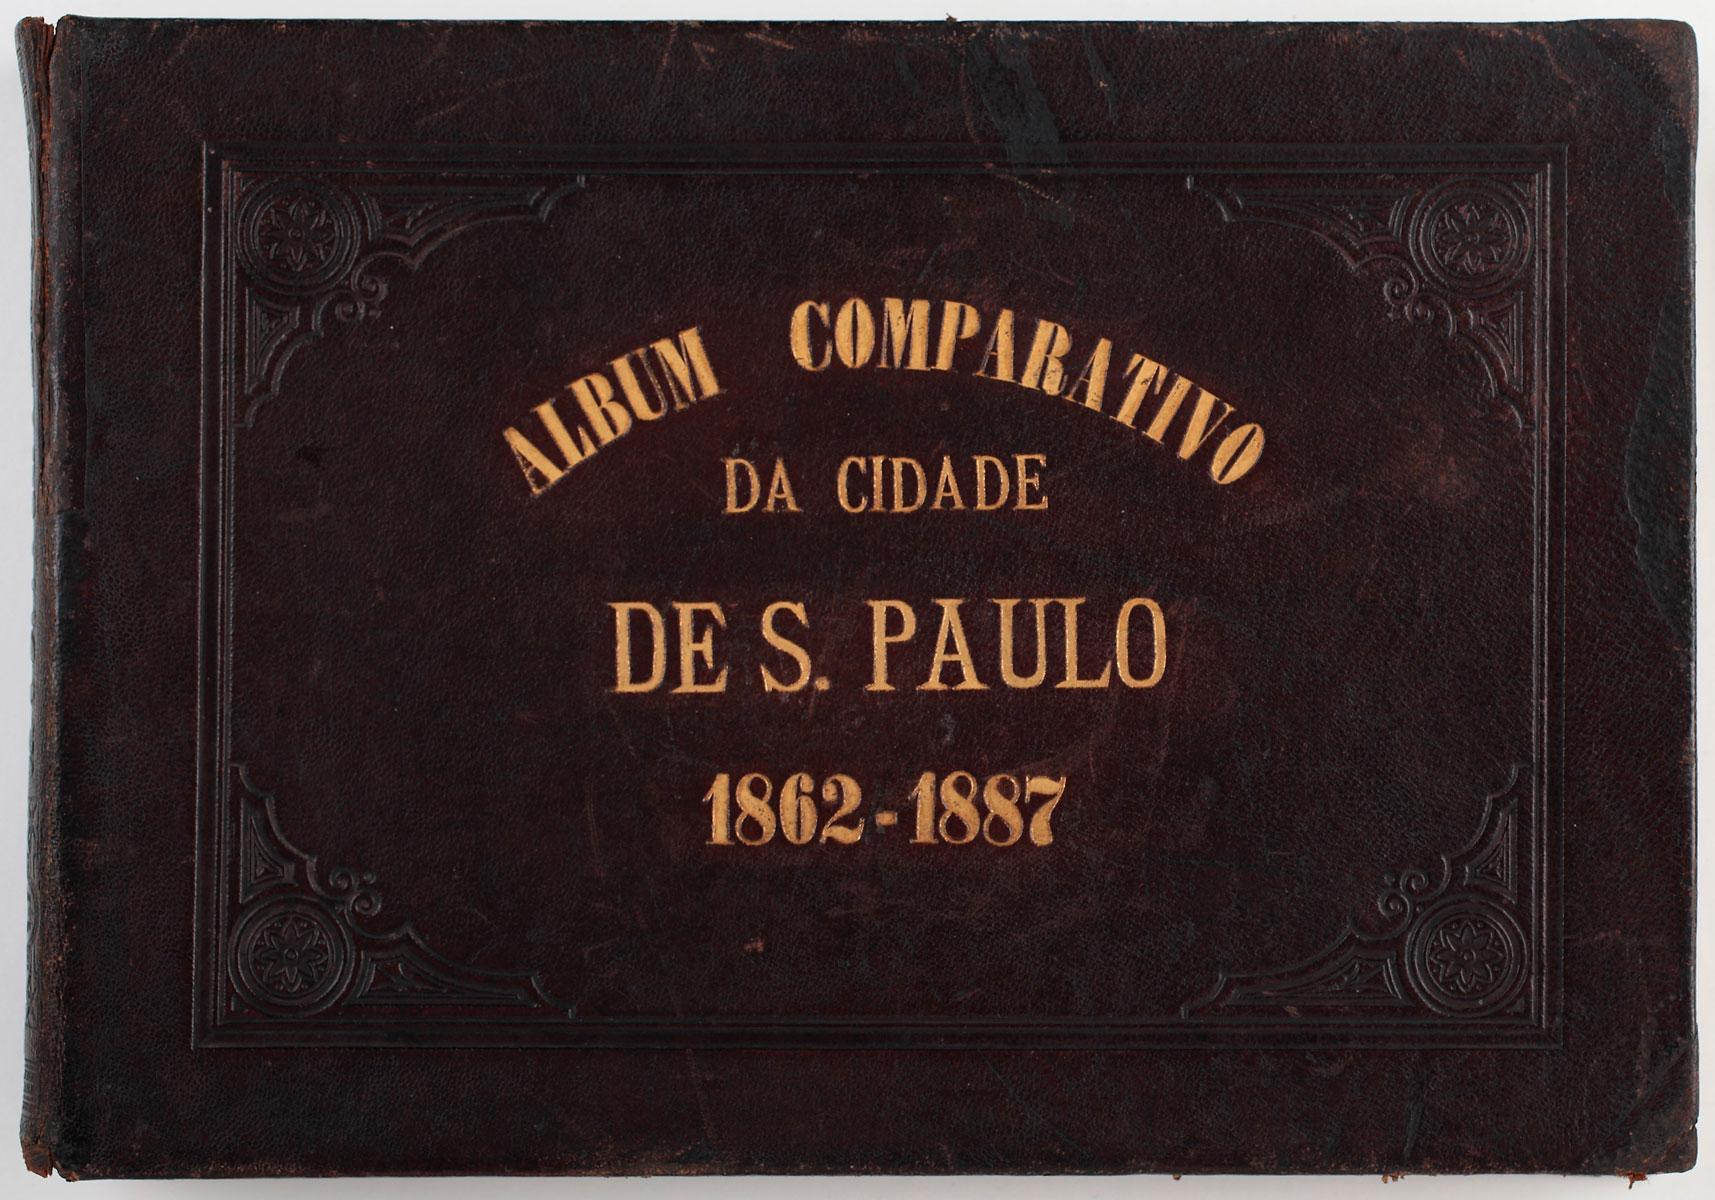 Álbum Comparativo da Cidade de São Paulo - Militão